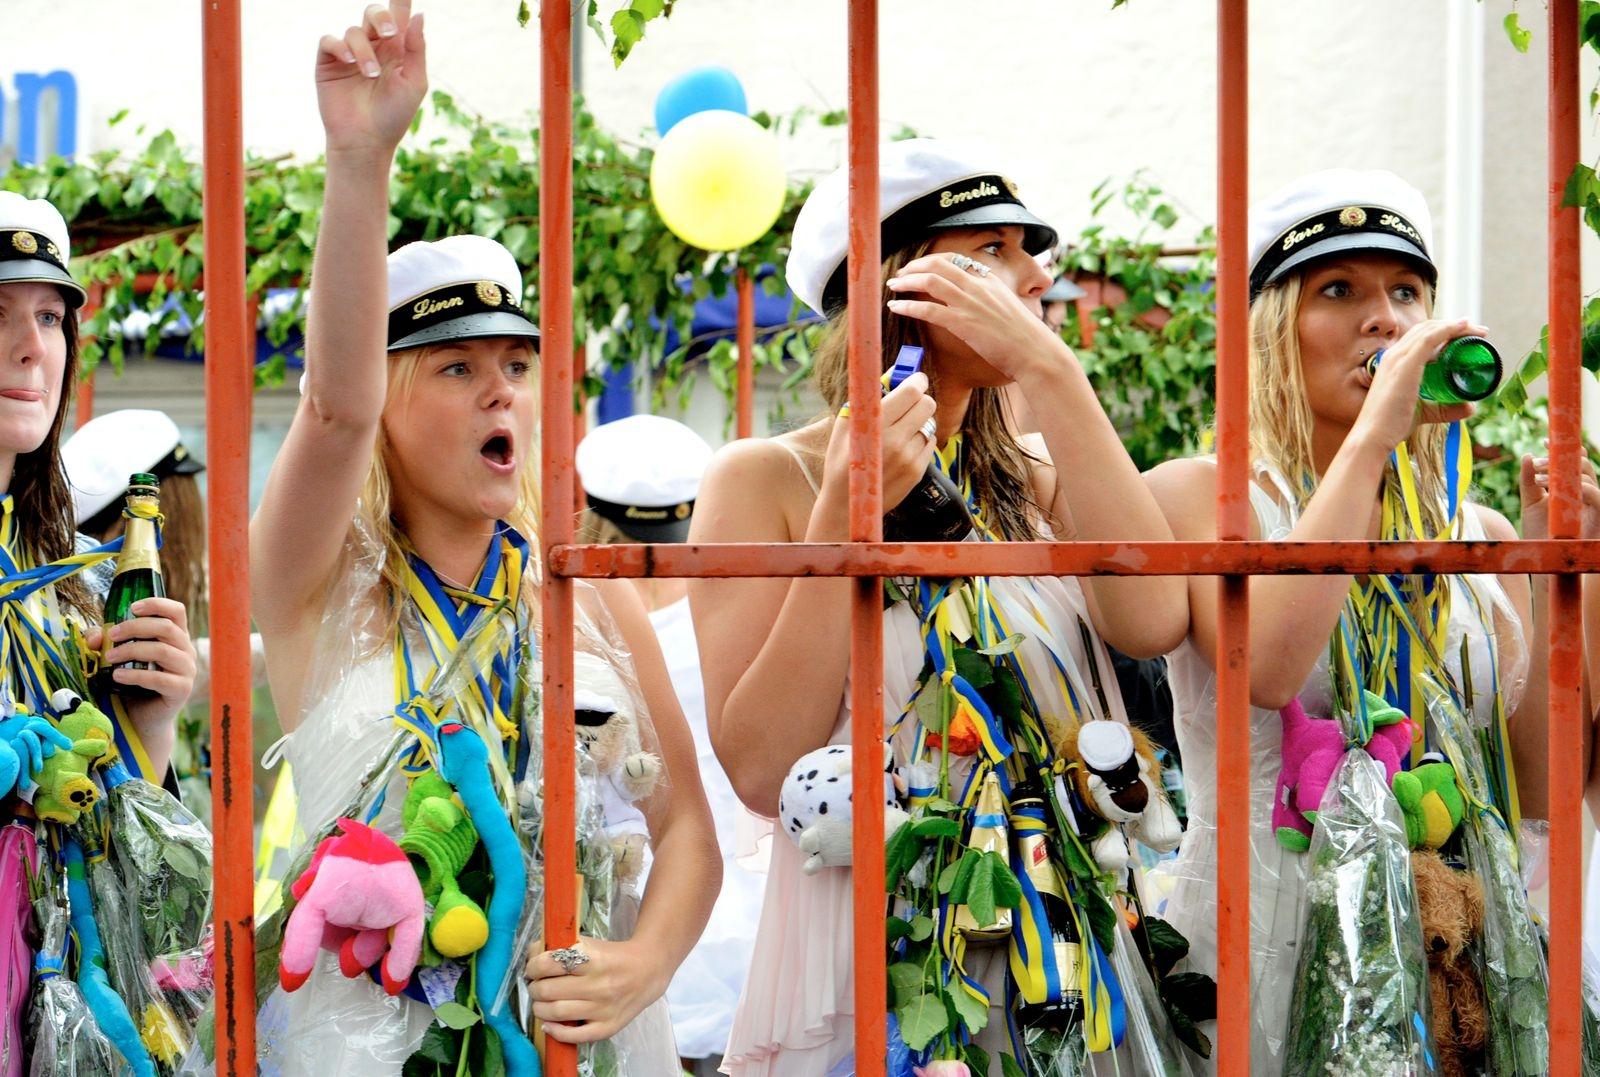 Regnet vräkte ned över studenterna i Oskarshamn 2011, men det stoppade inte glädjen i kortegen.